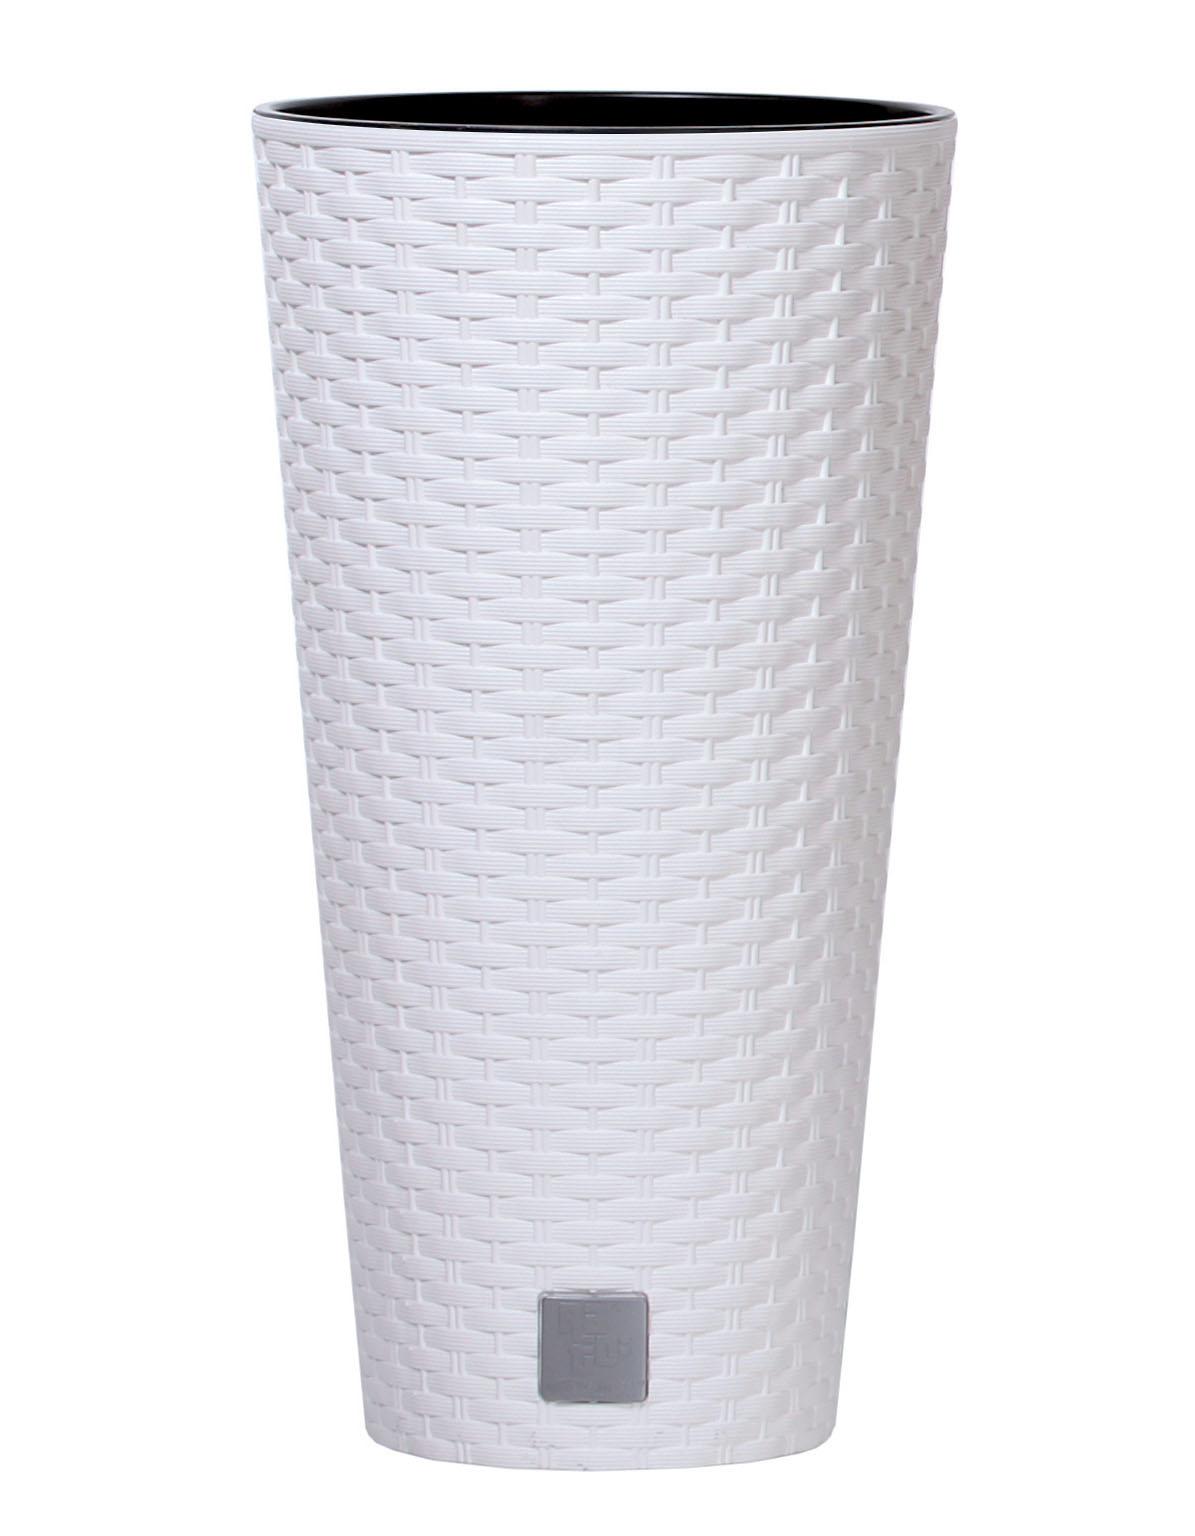 PROSPERPLAST Květináč RATO TUBUS + vklad bílý 25cm